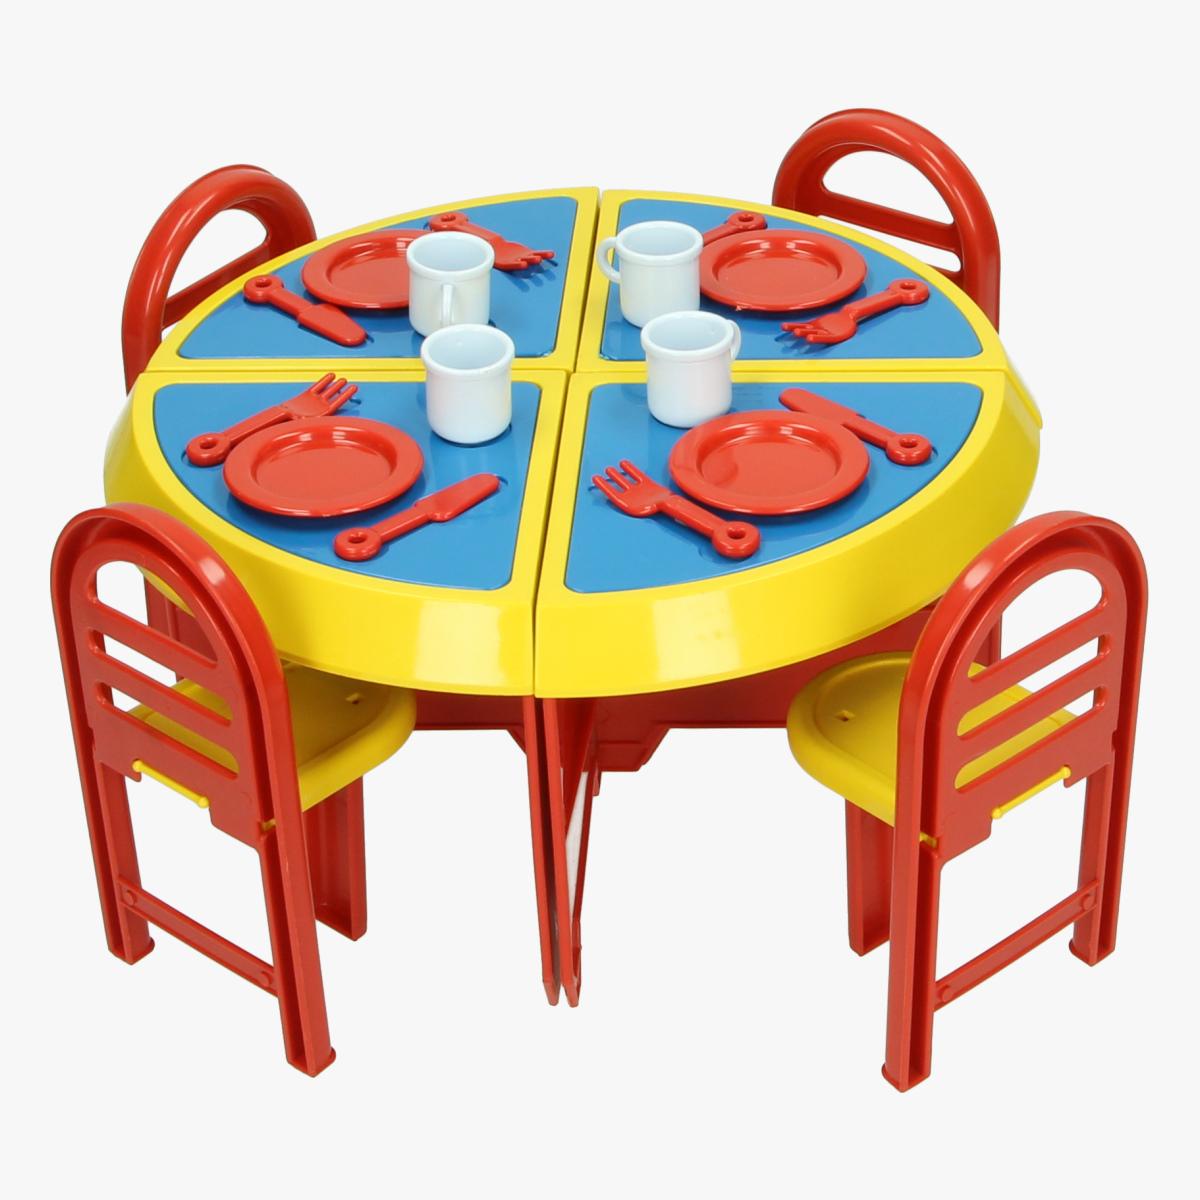 Afbeeldingen van Multikitchen. Molto. Speelgoed keuken